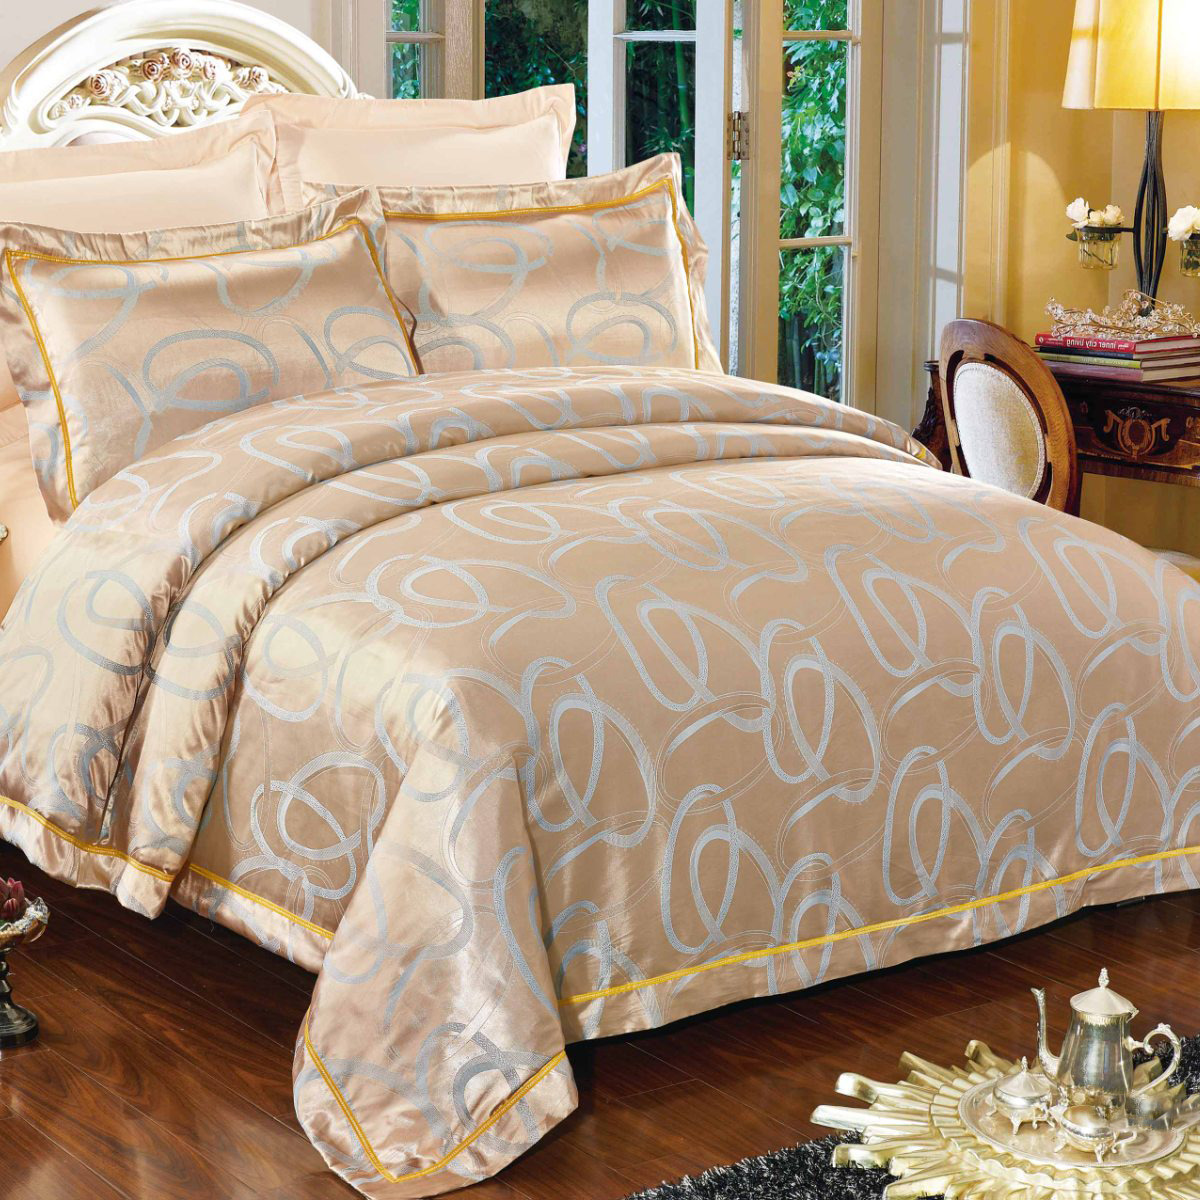 цена на Комплект постельного белья Letto, евро, наволочки 50х70, 70х70, AJ31-6